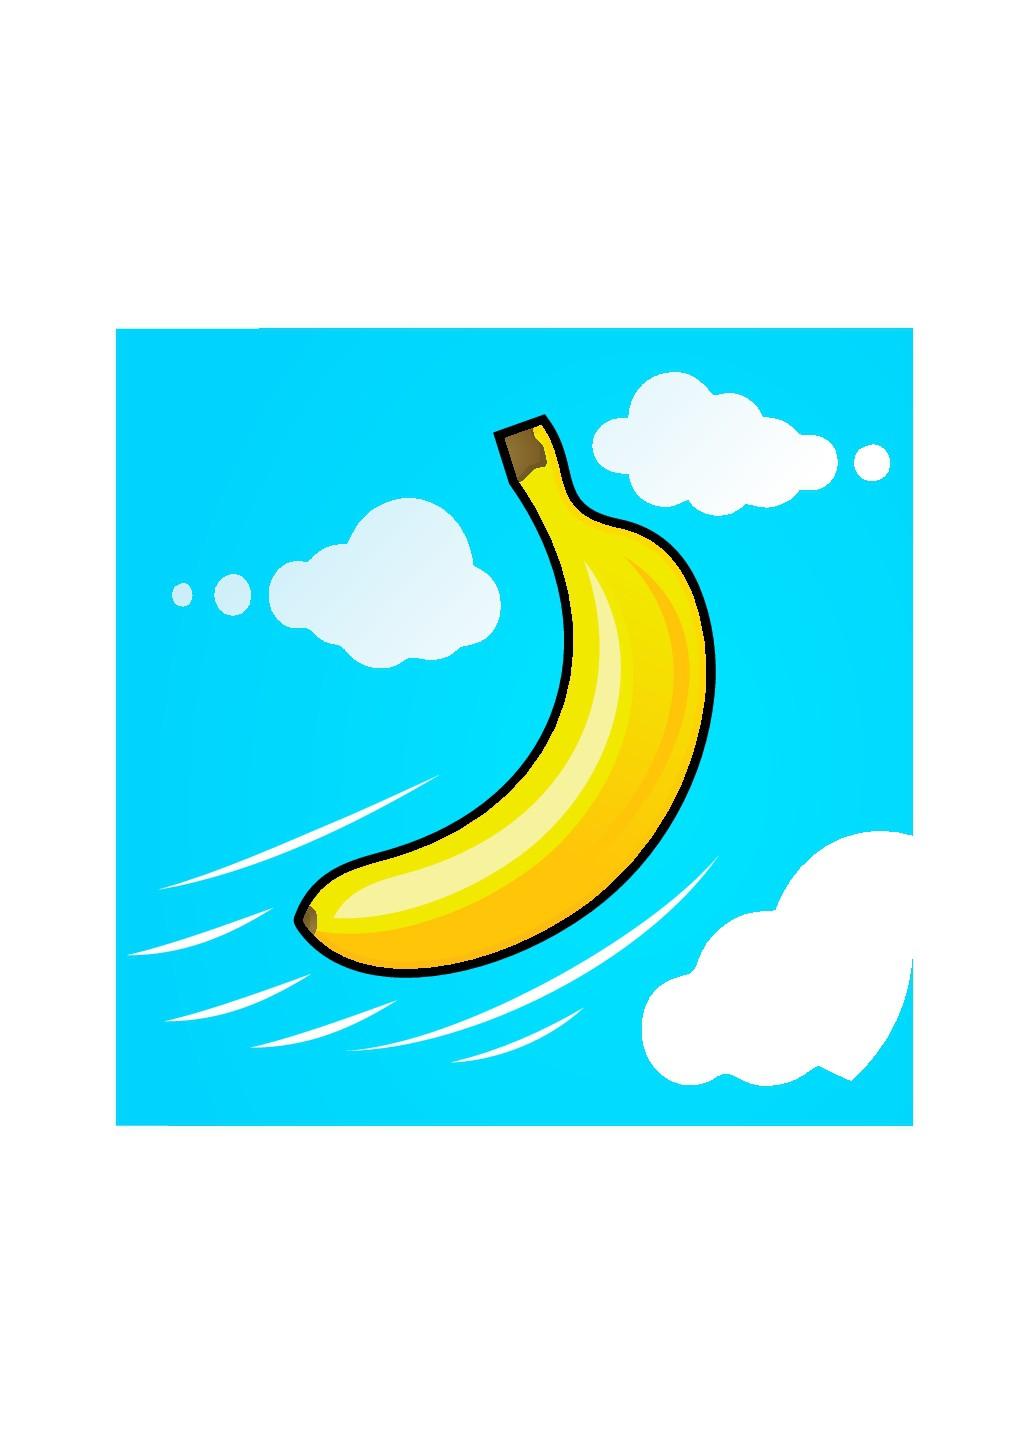 Banana app Icon!